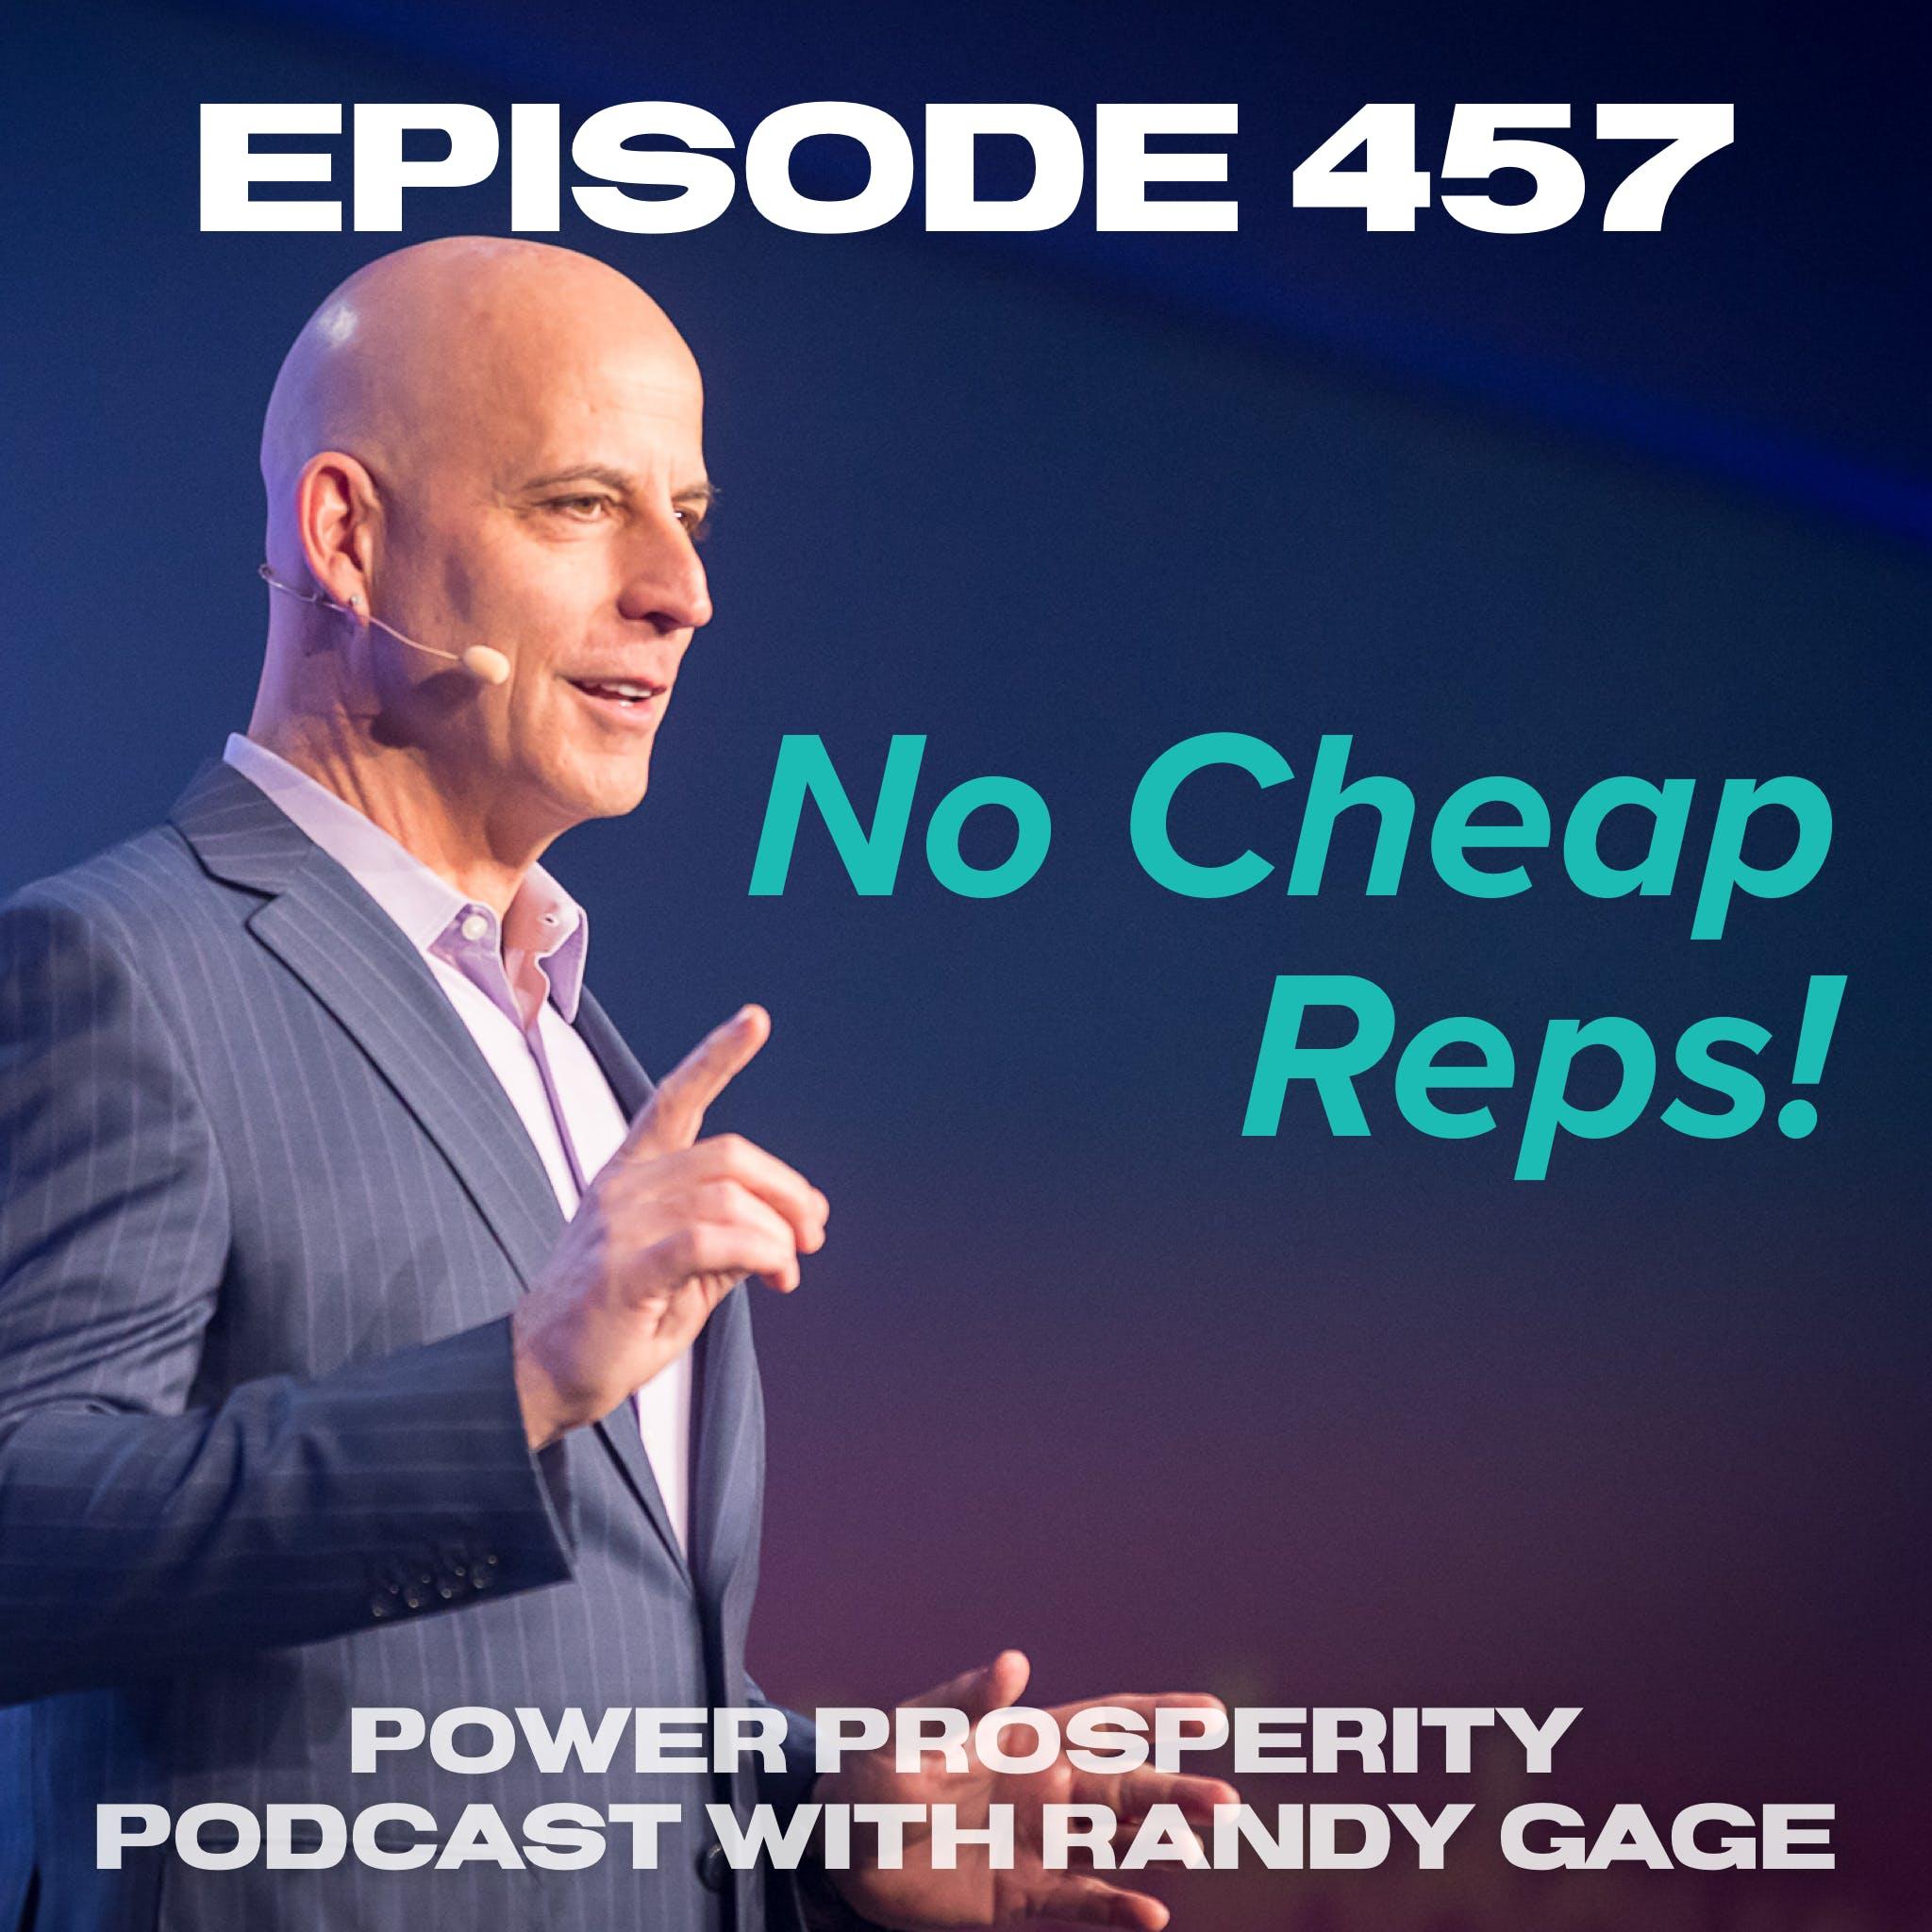 Episode 457: No Cheap Reps!